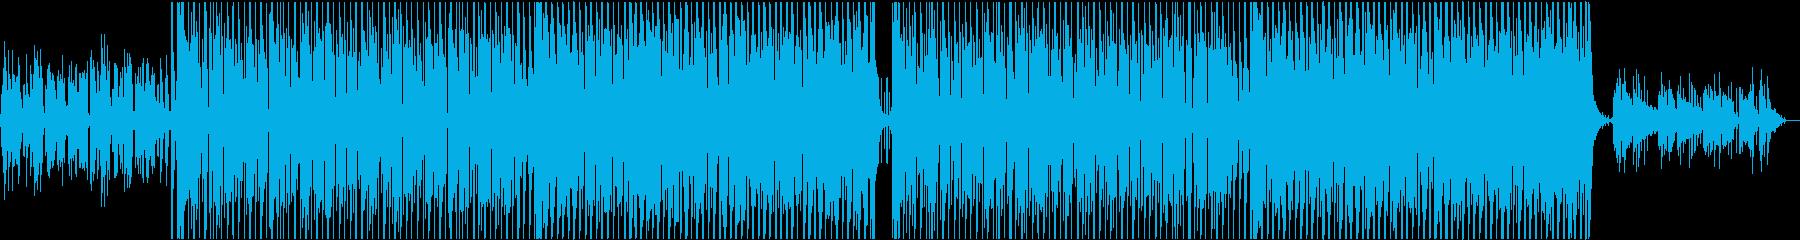 ワウが効いた単音カッティングギターの再生済みの波形